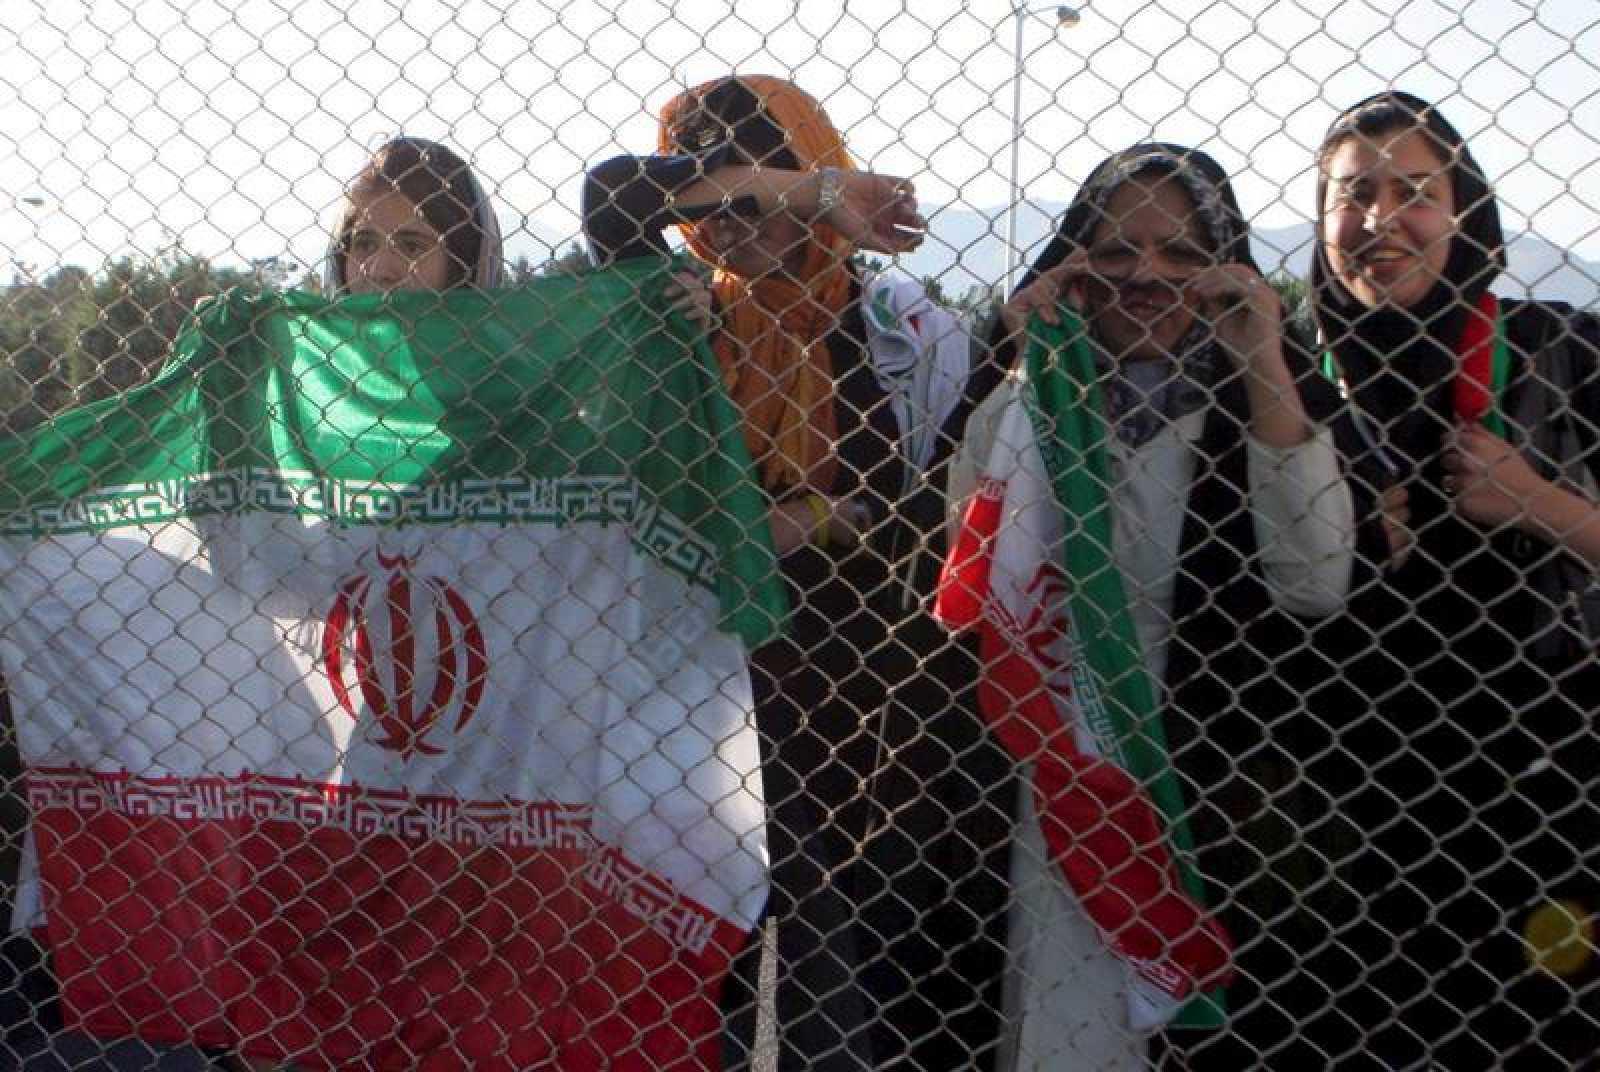 Seguidoras iraníes observan a distancia un entrenamiento de la selección nacional